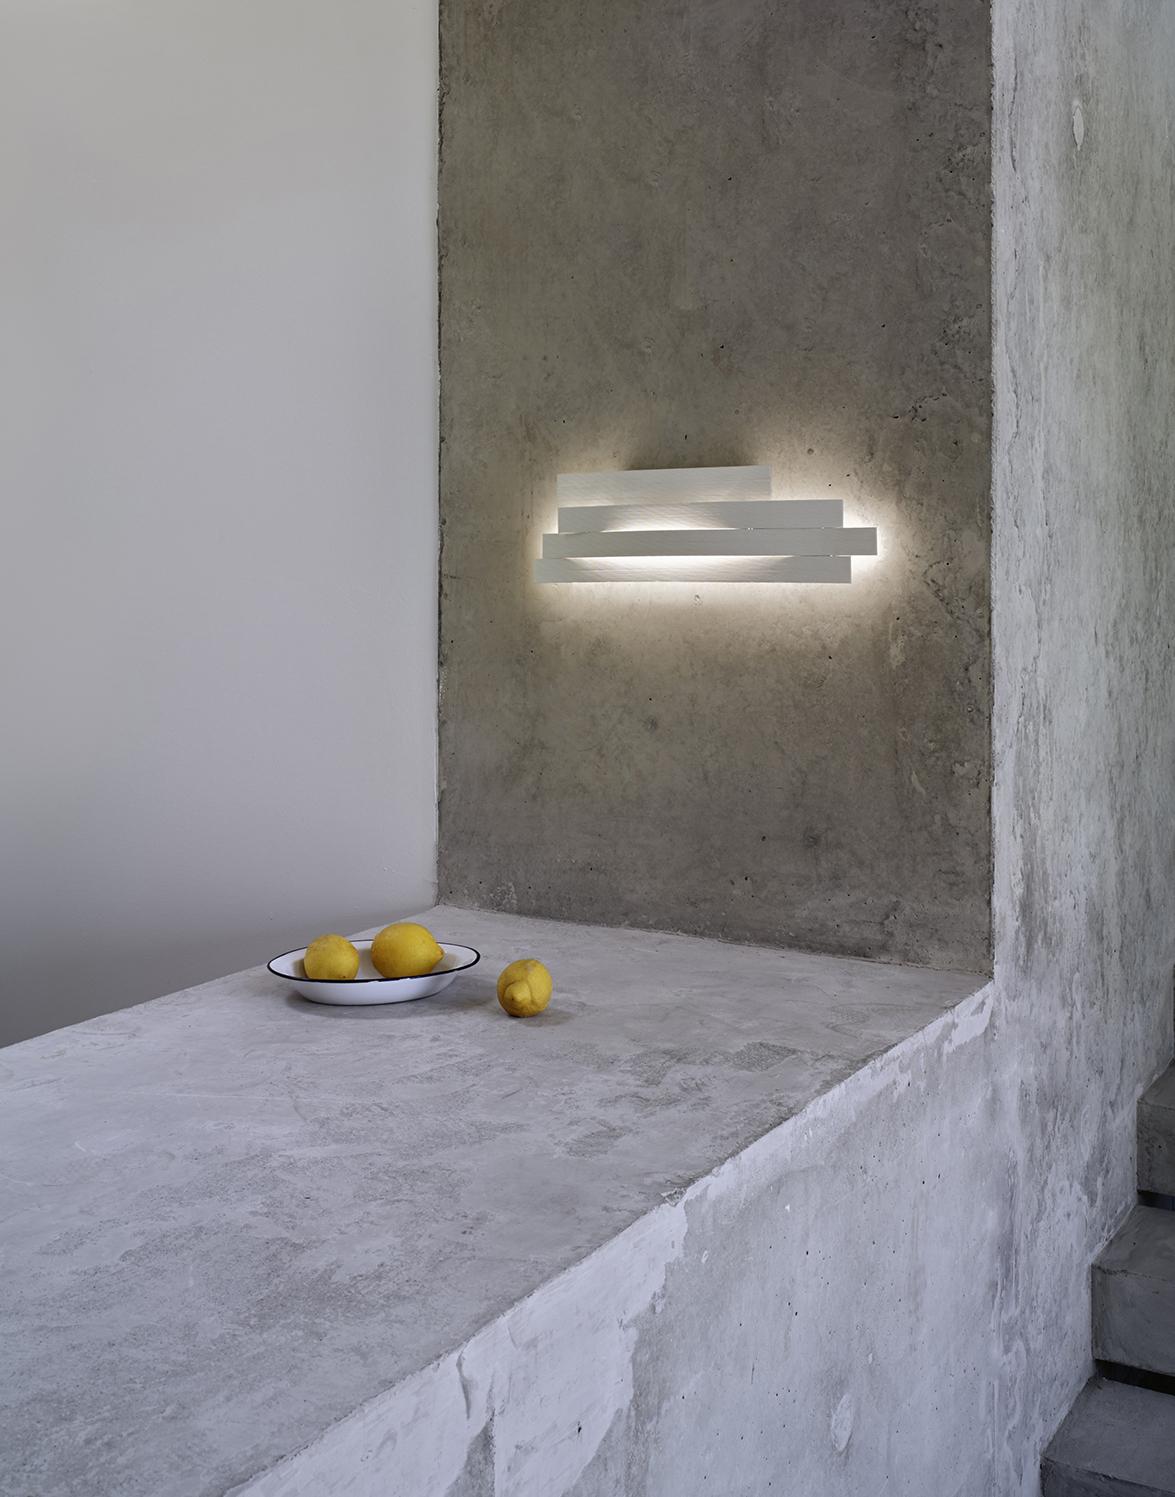 Li_LI06_wall lamp_01